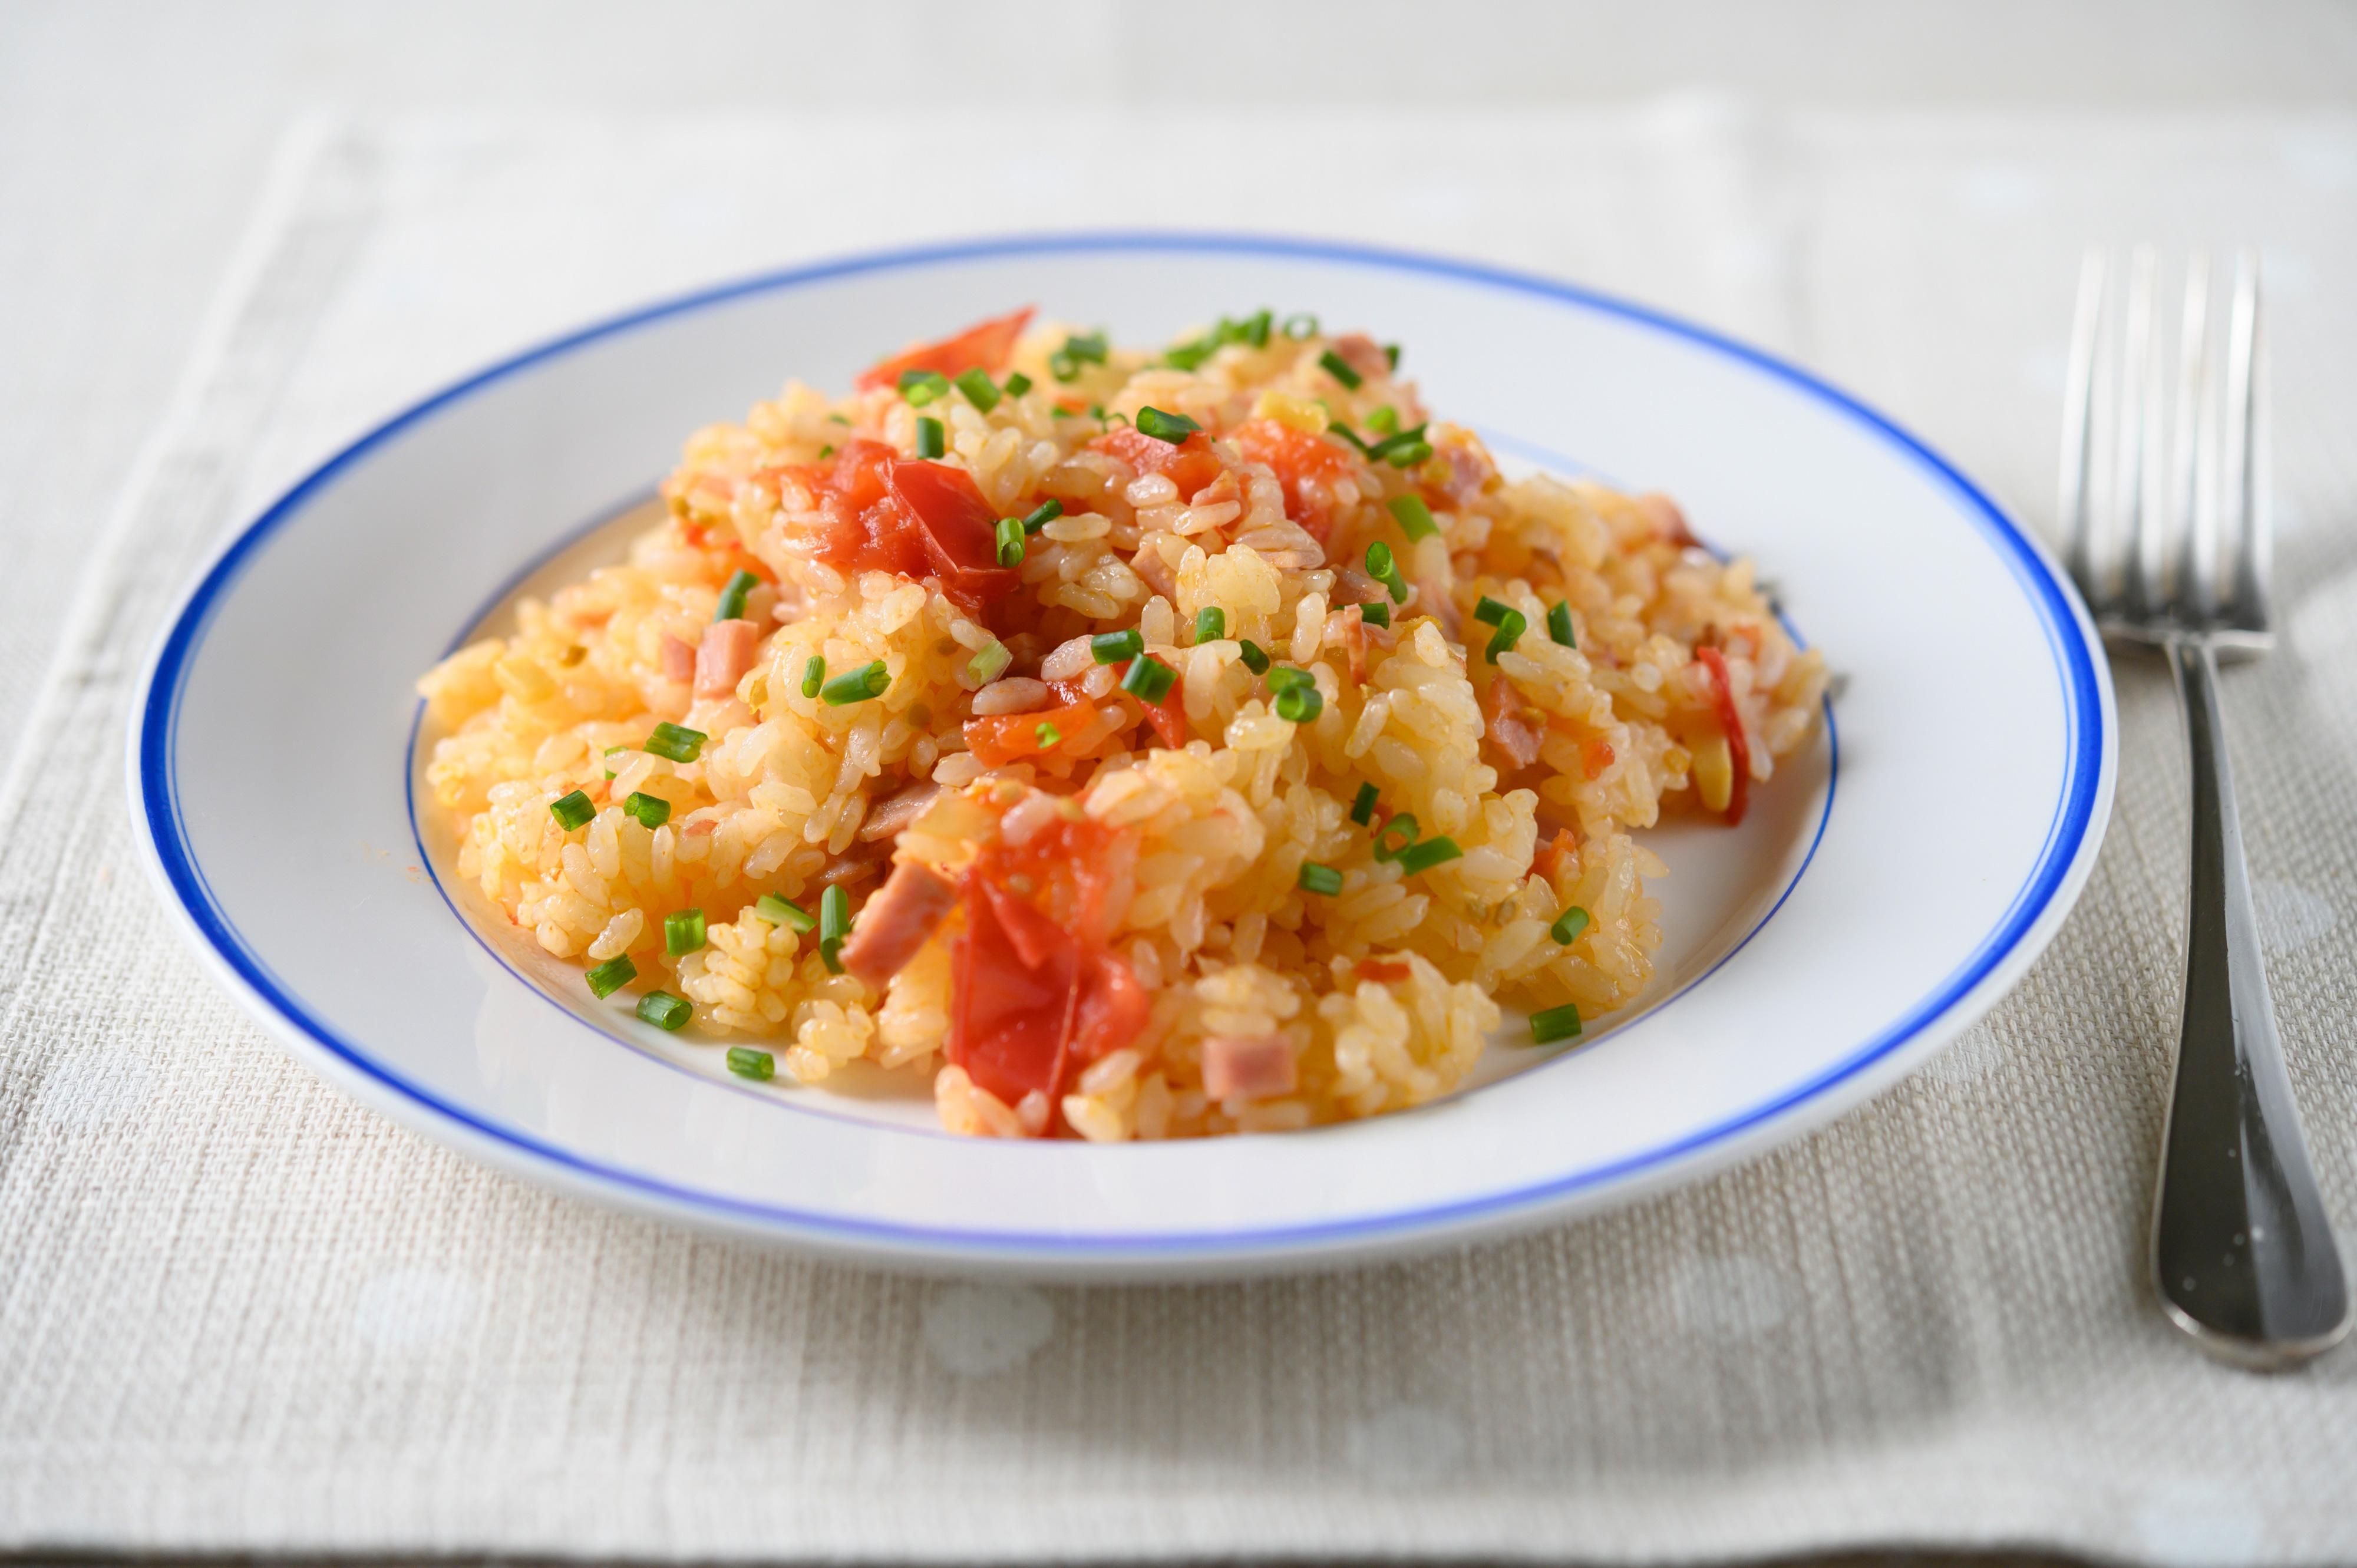 トマト料理の残りタネを使った「簡単!トマトライス」